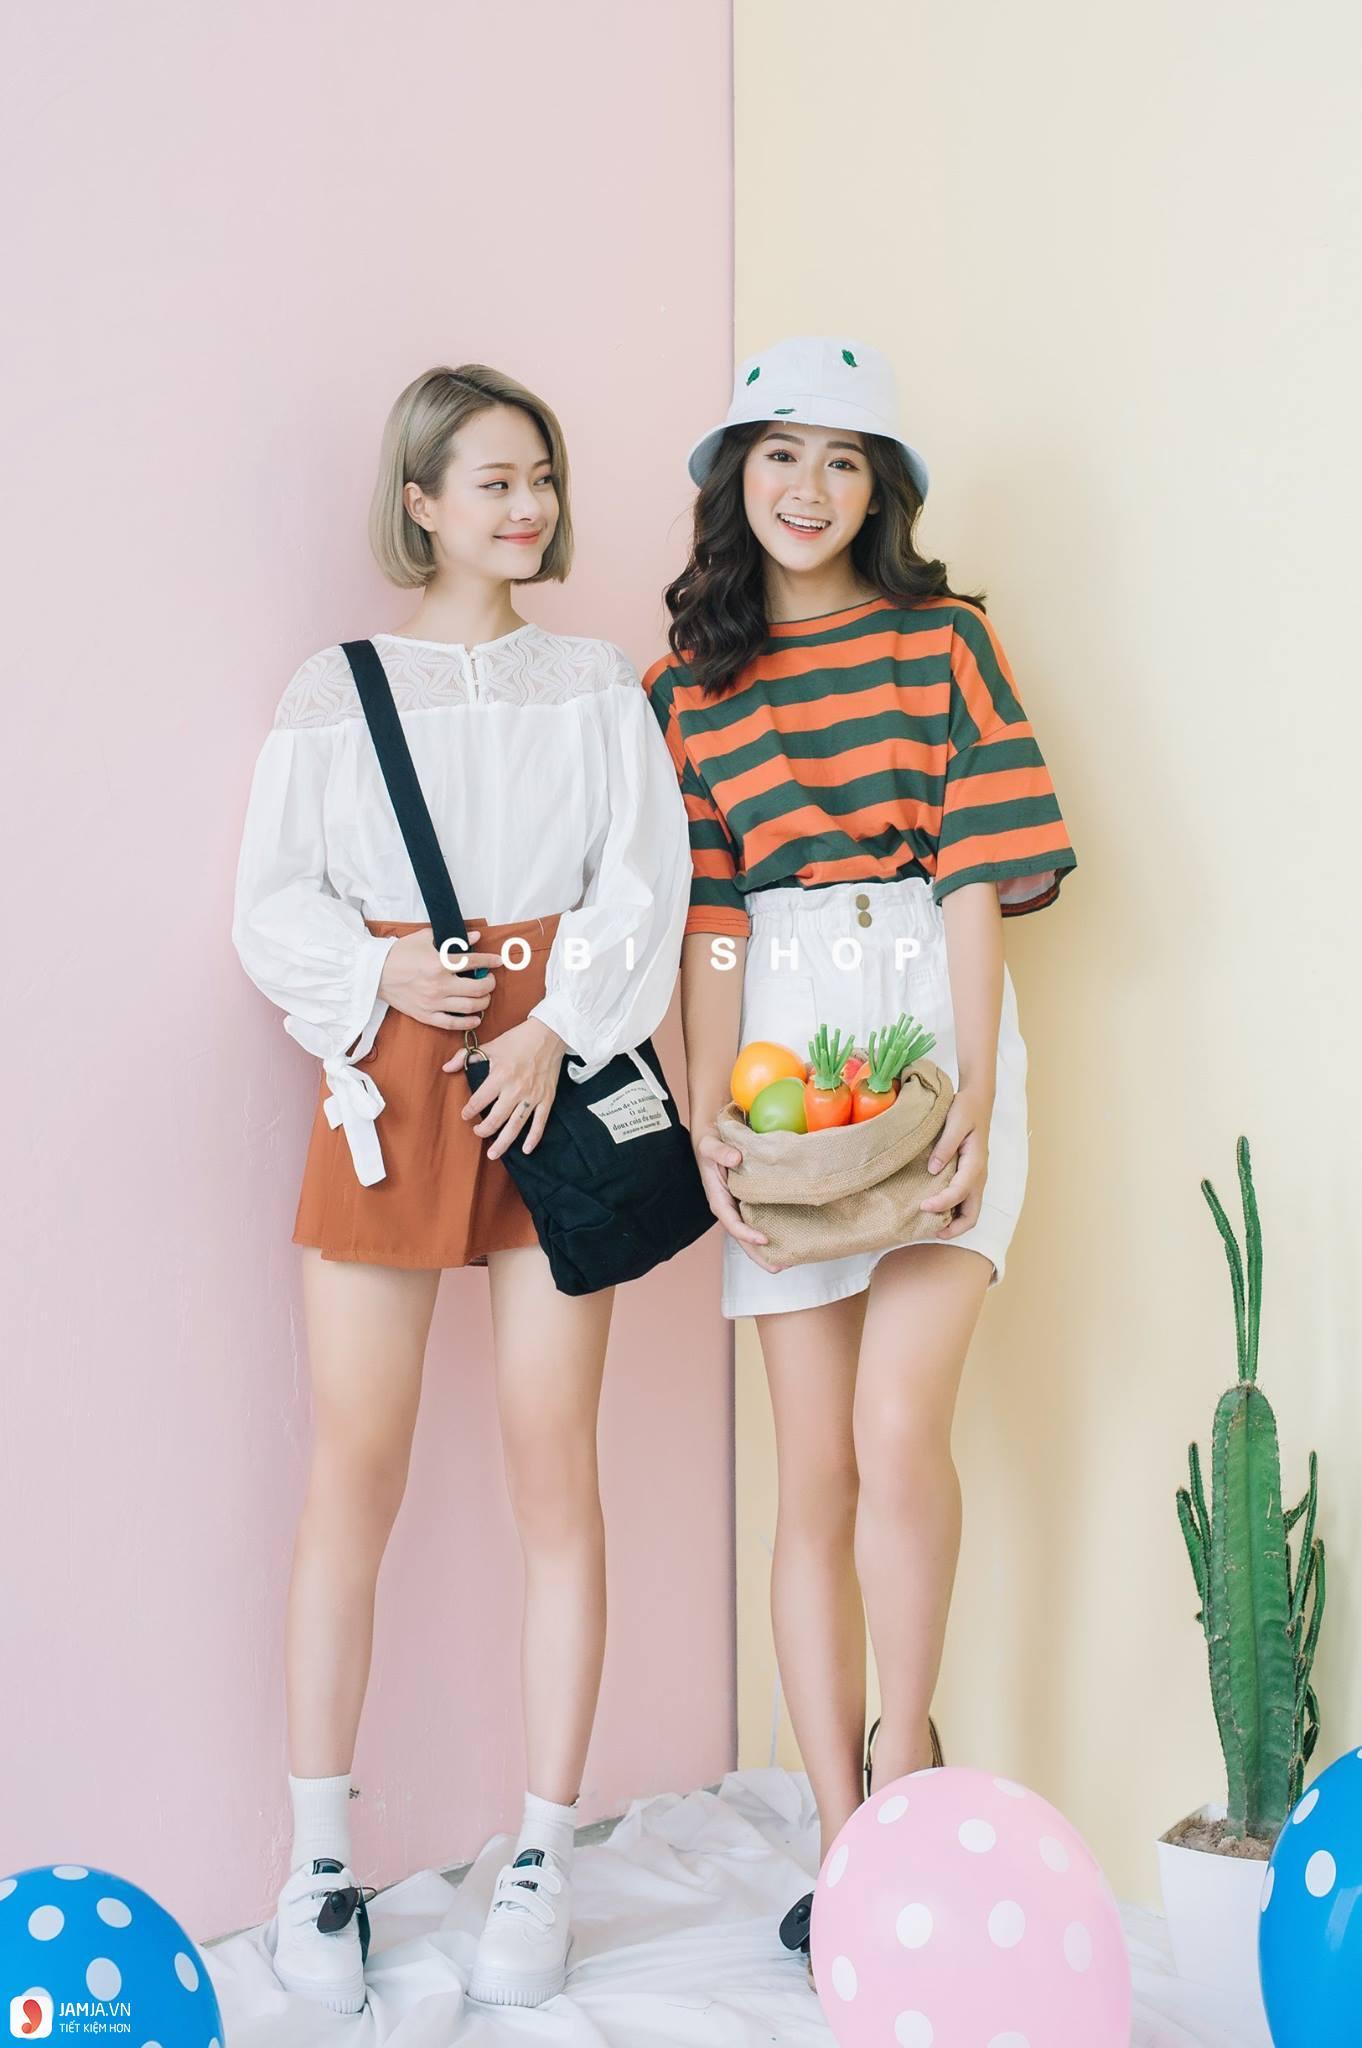 Cobi Shop shop quần áo rẻ đẹp ở hà nội